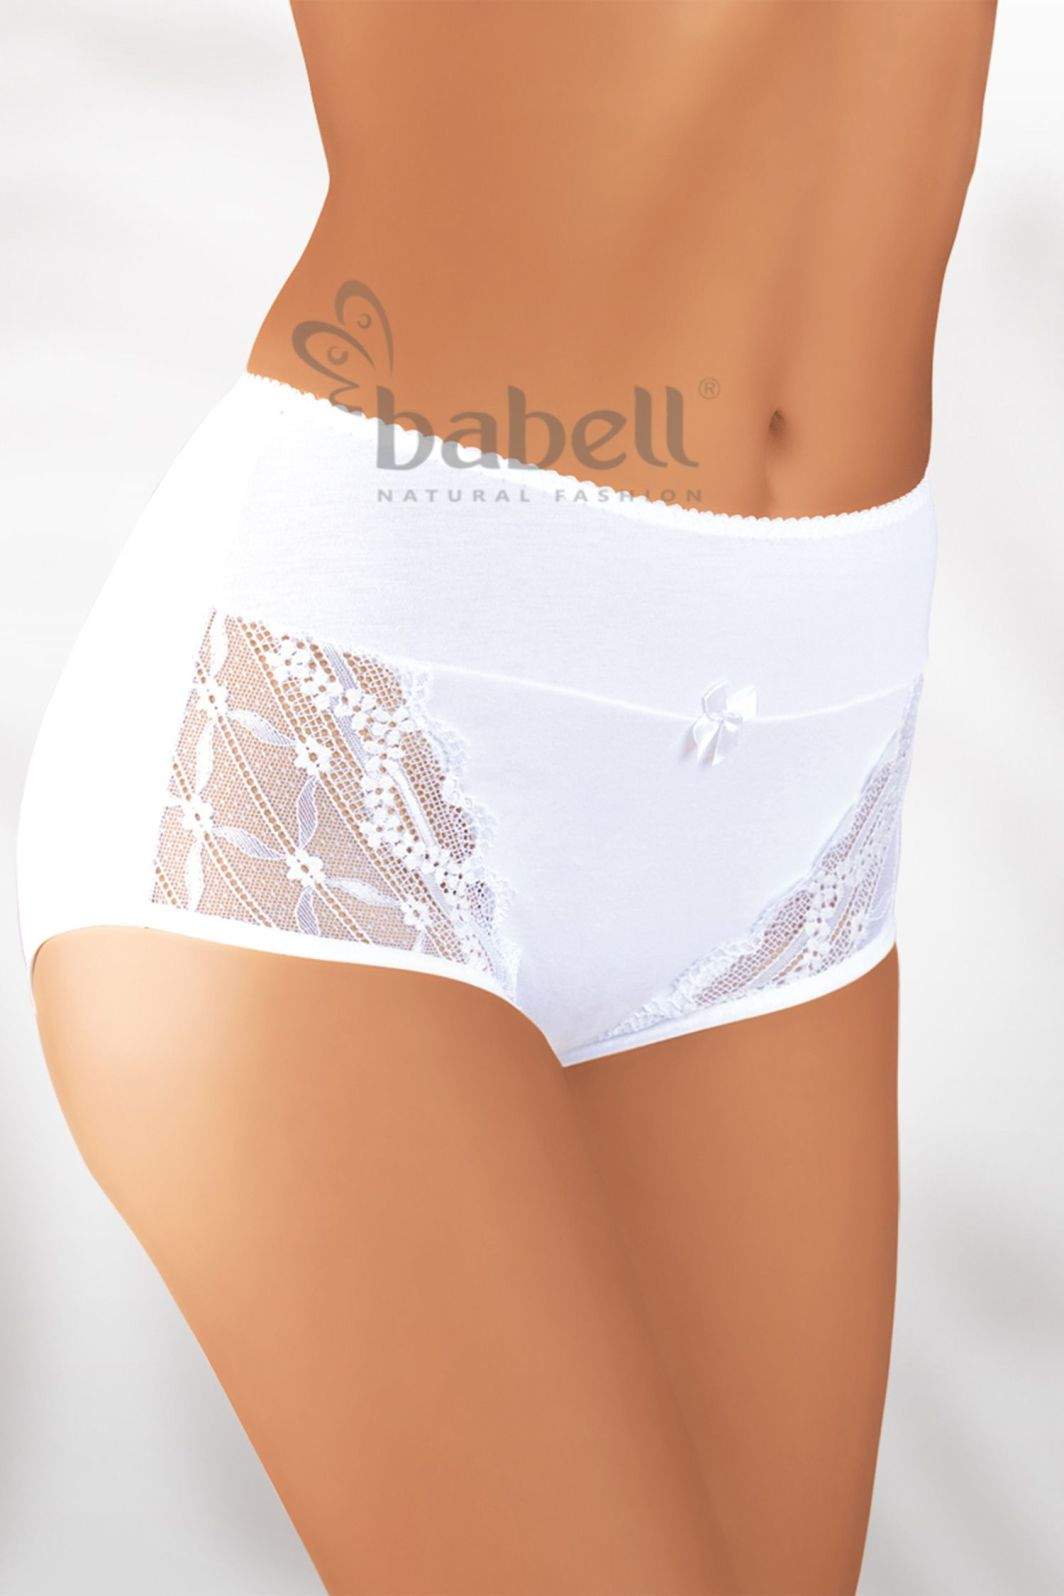 Babell Figi damskie BBL-003 białe r. S 1